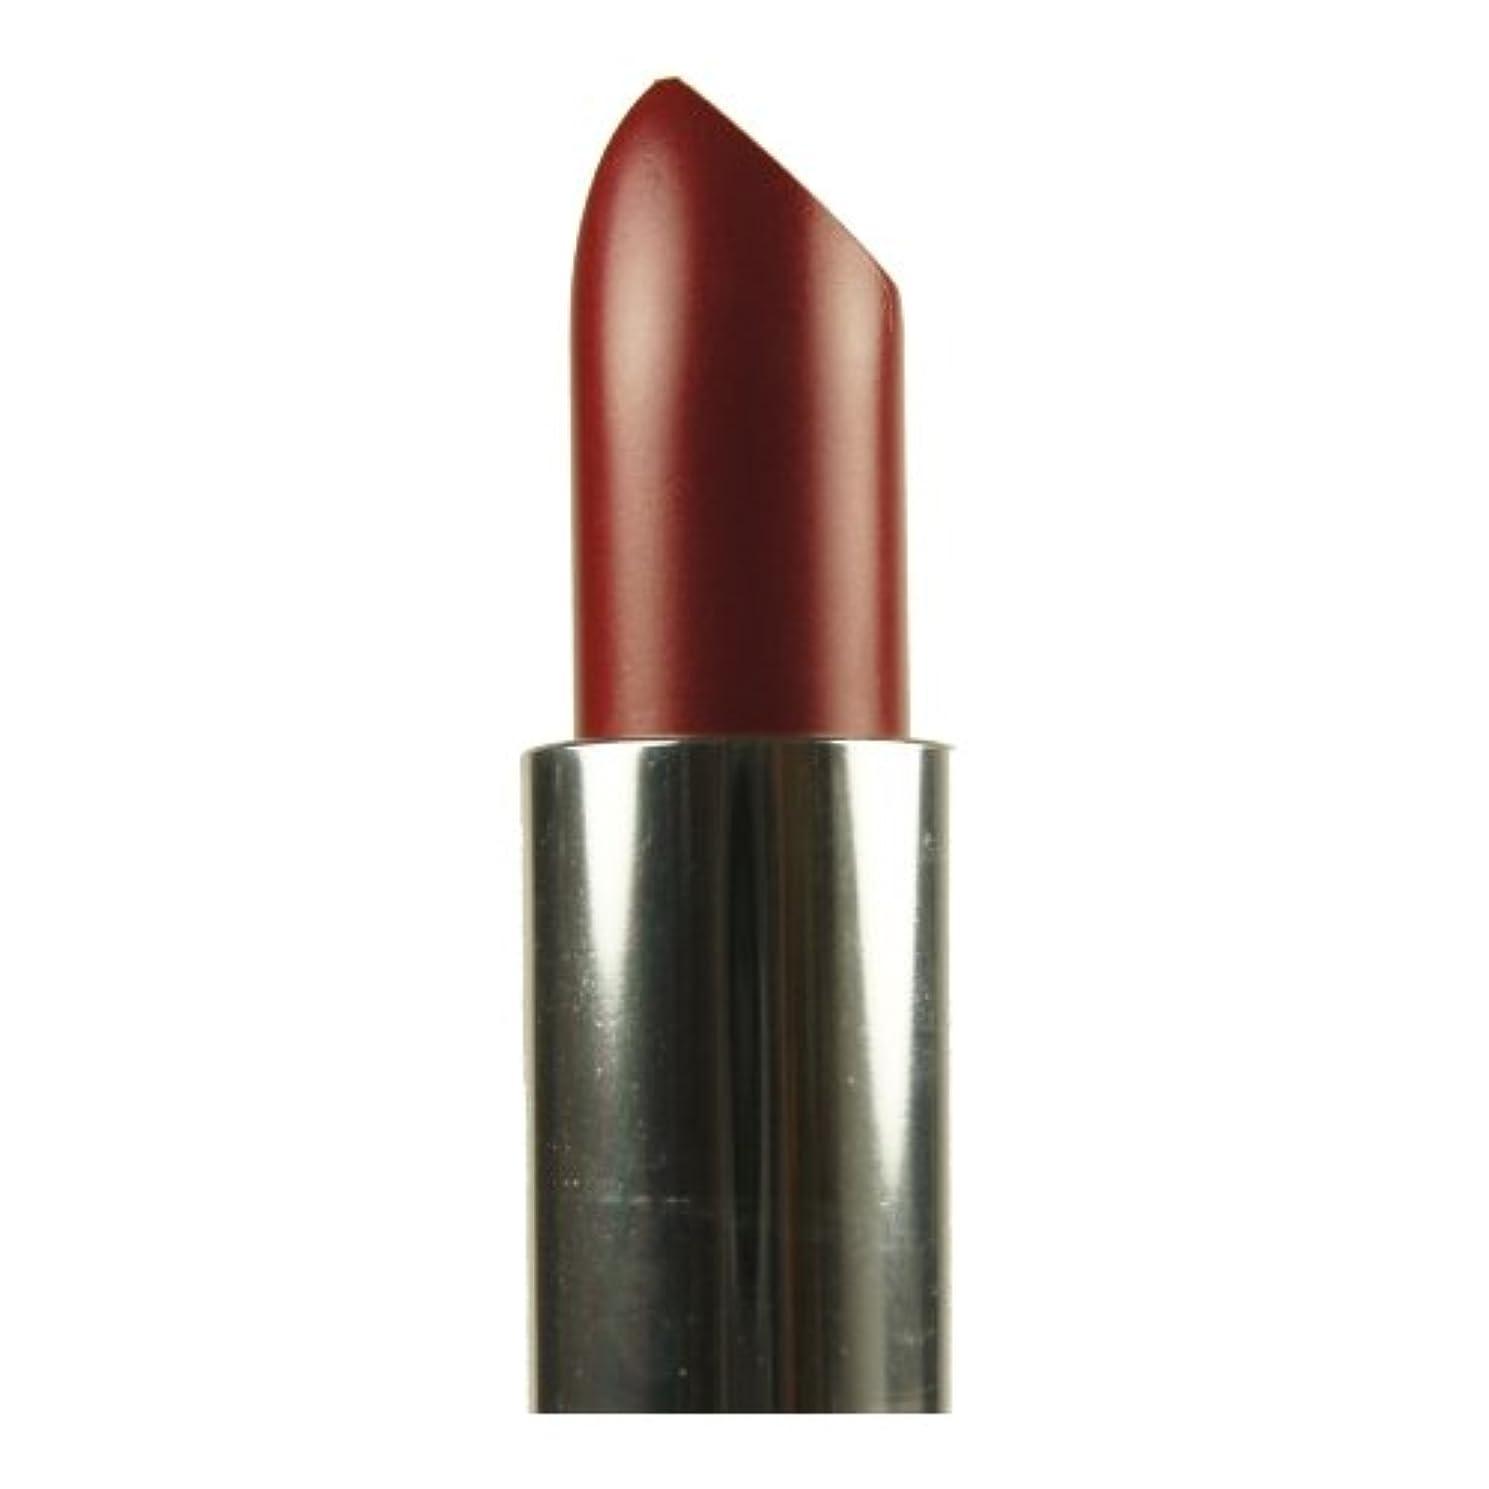 バンジョー聡明店主RIMMEL LONDON Lasting Finish Intense Wear Lipstick - Bordeaux (並行輸入品)